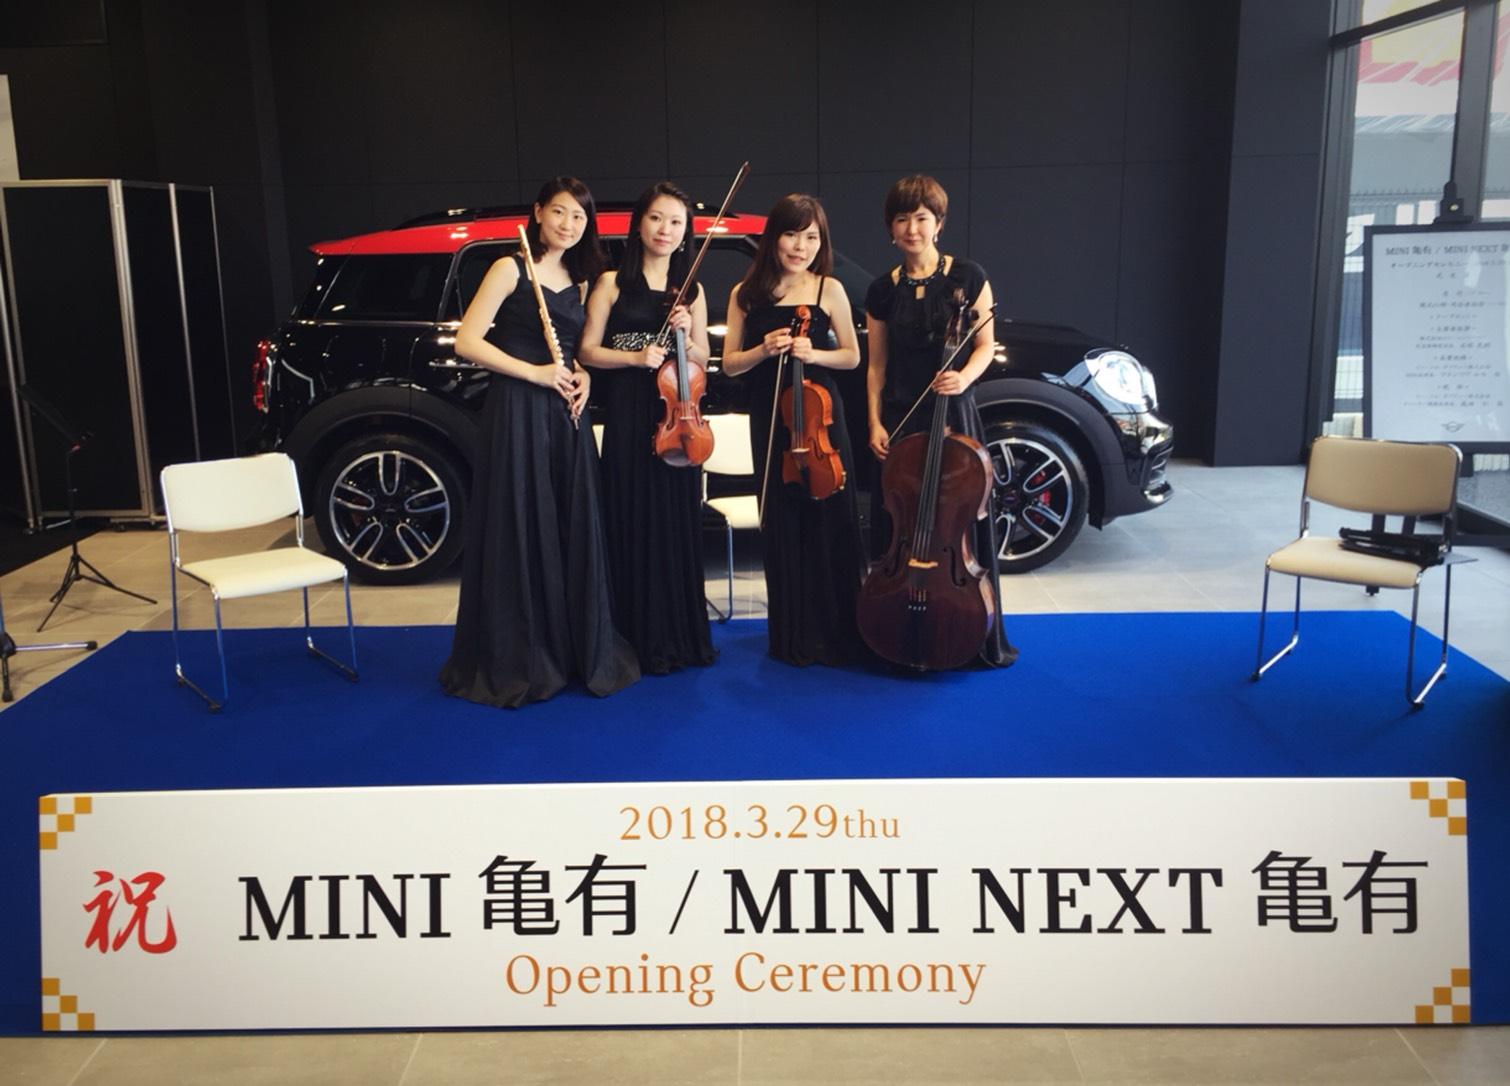 フルート、ヴァイオリン、ヴイオラ、チェロの4名編成でした